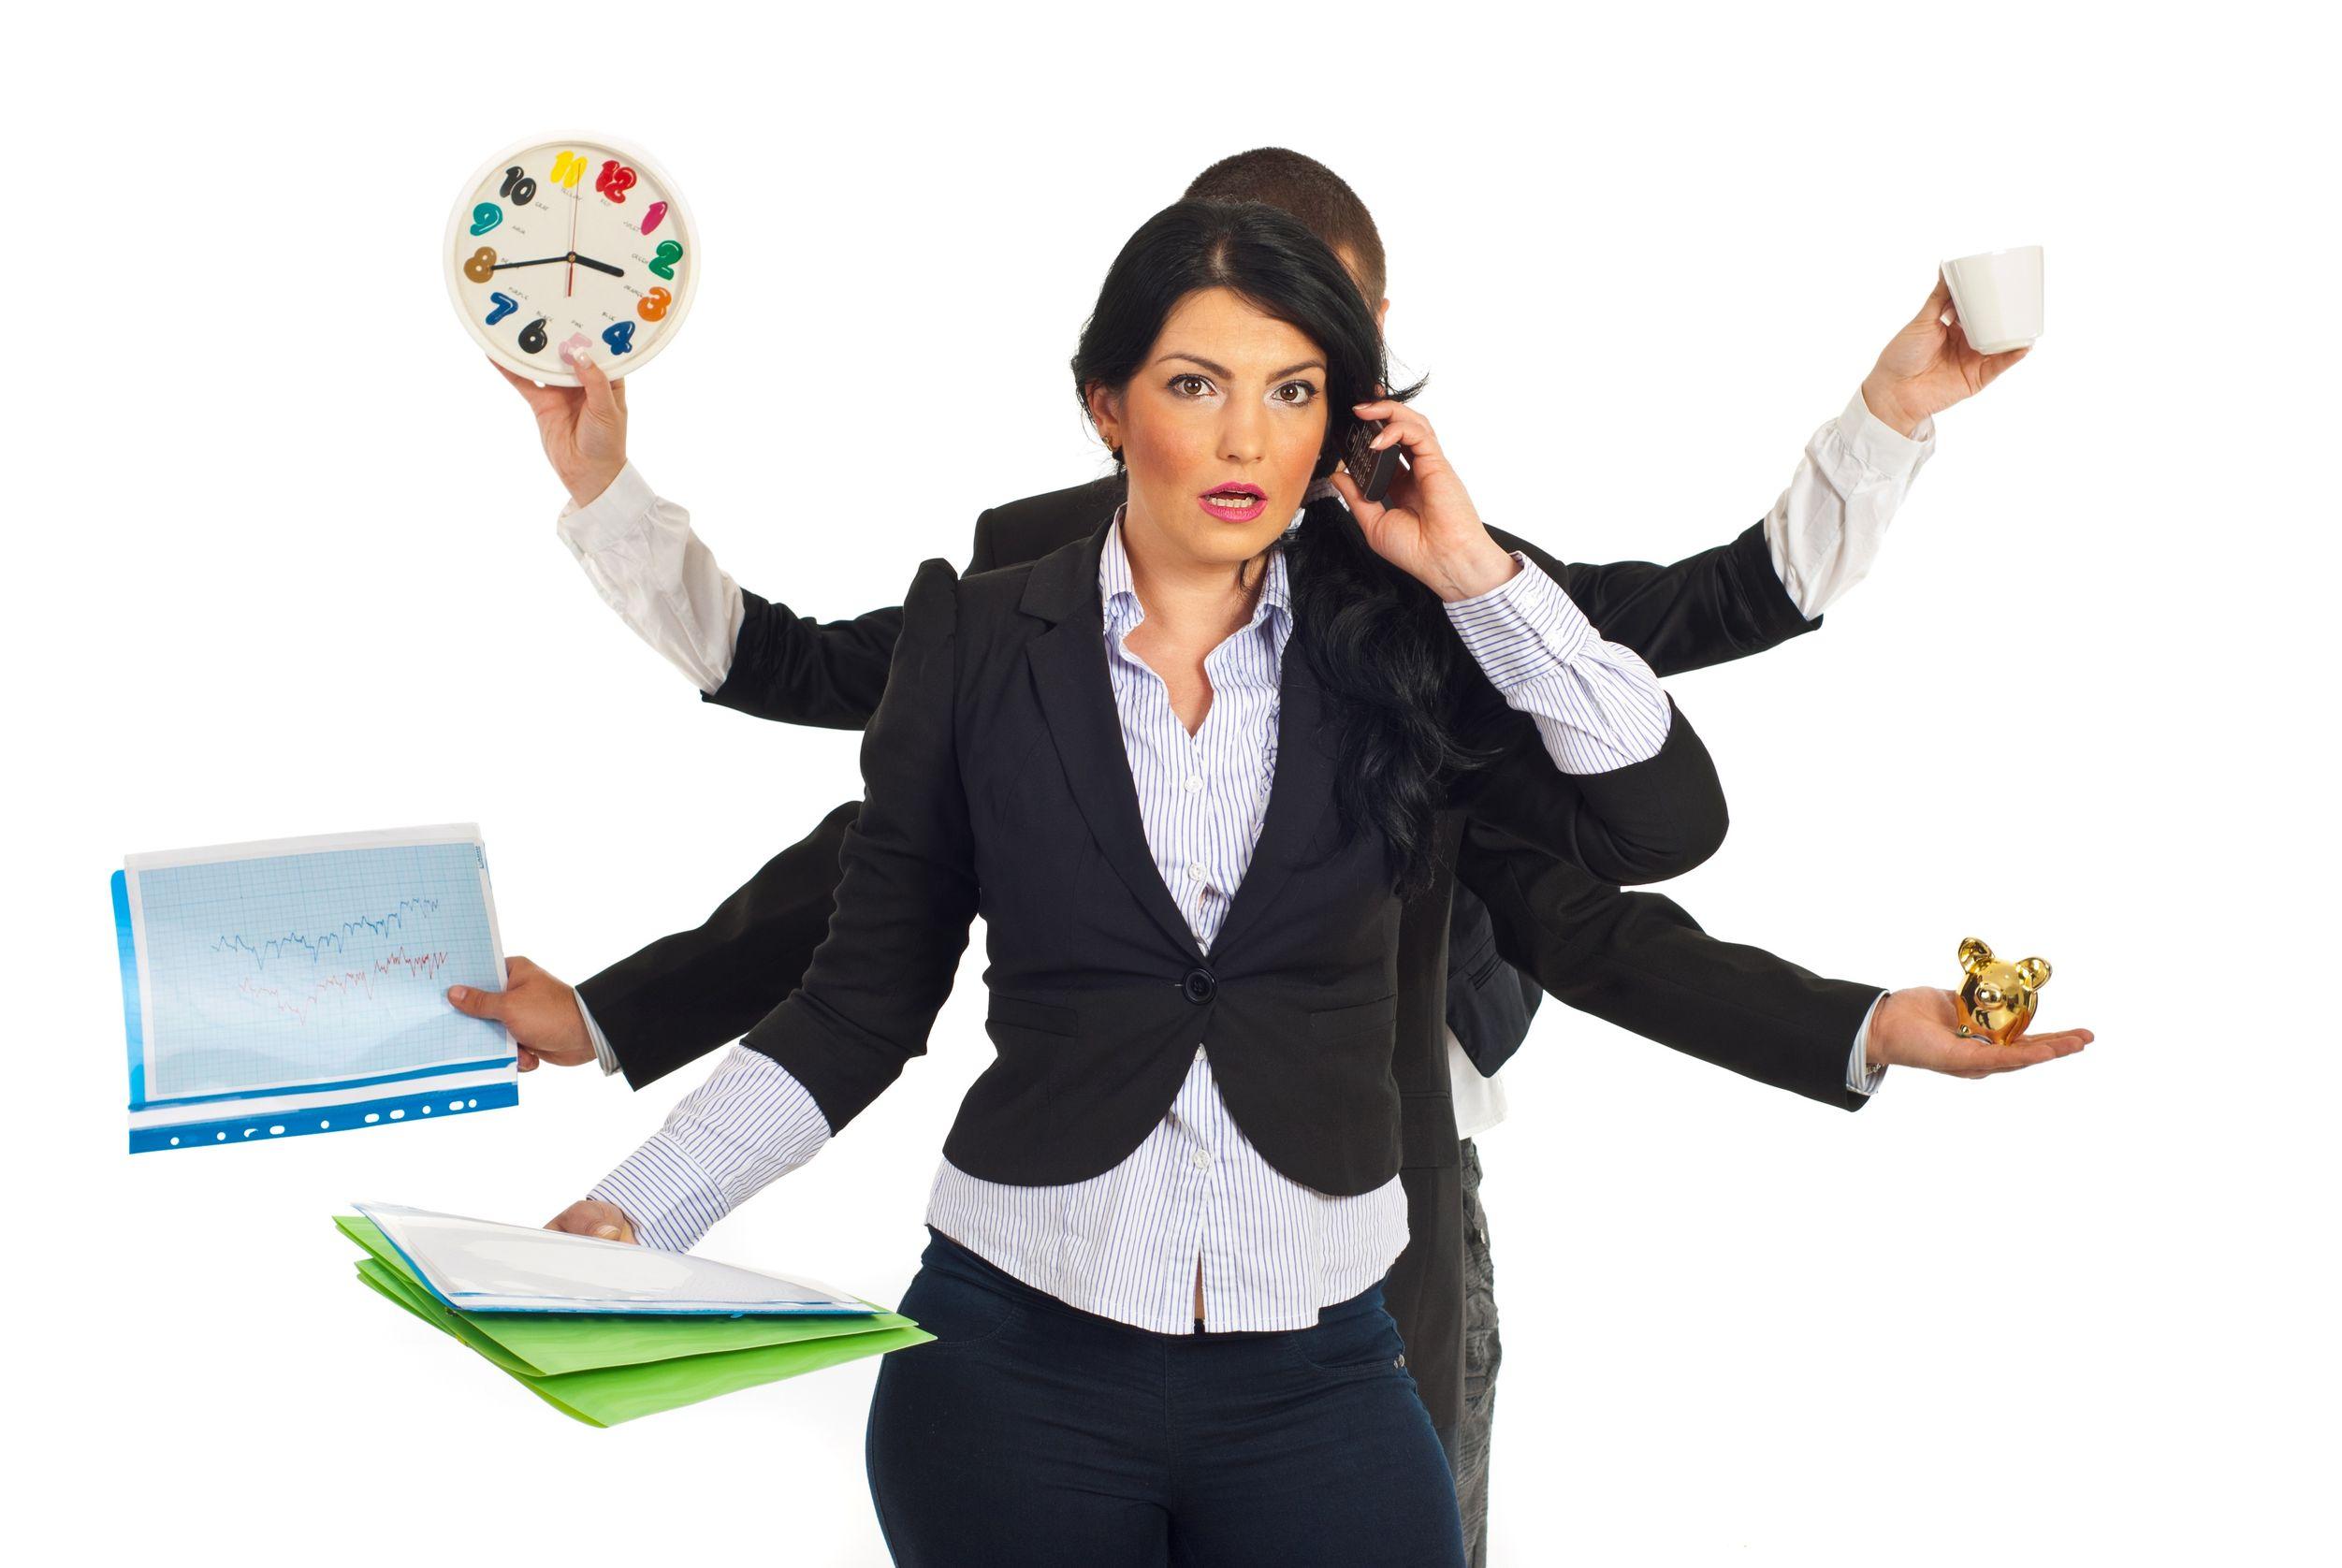 Листья акварелью, смешные картинки деловая женщина